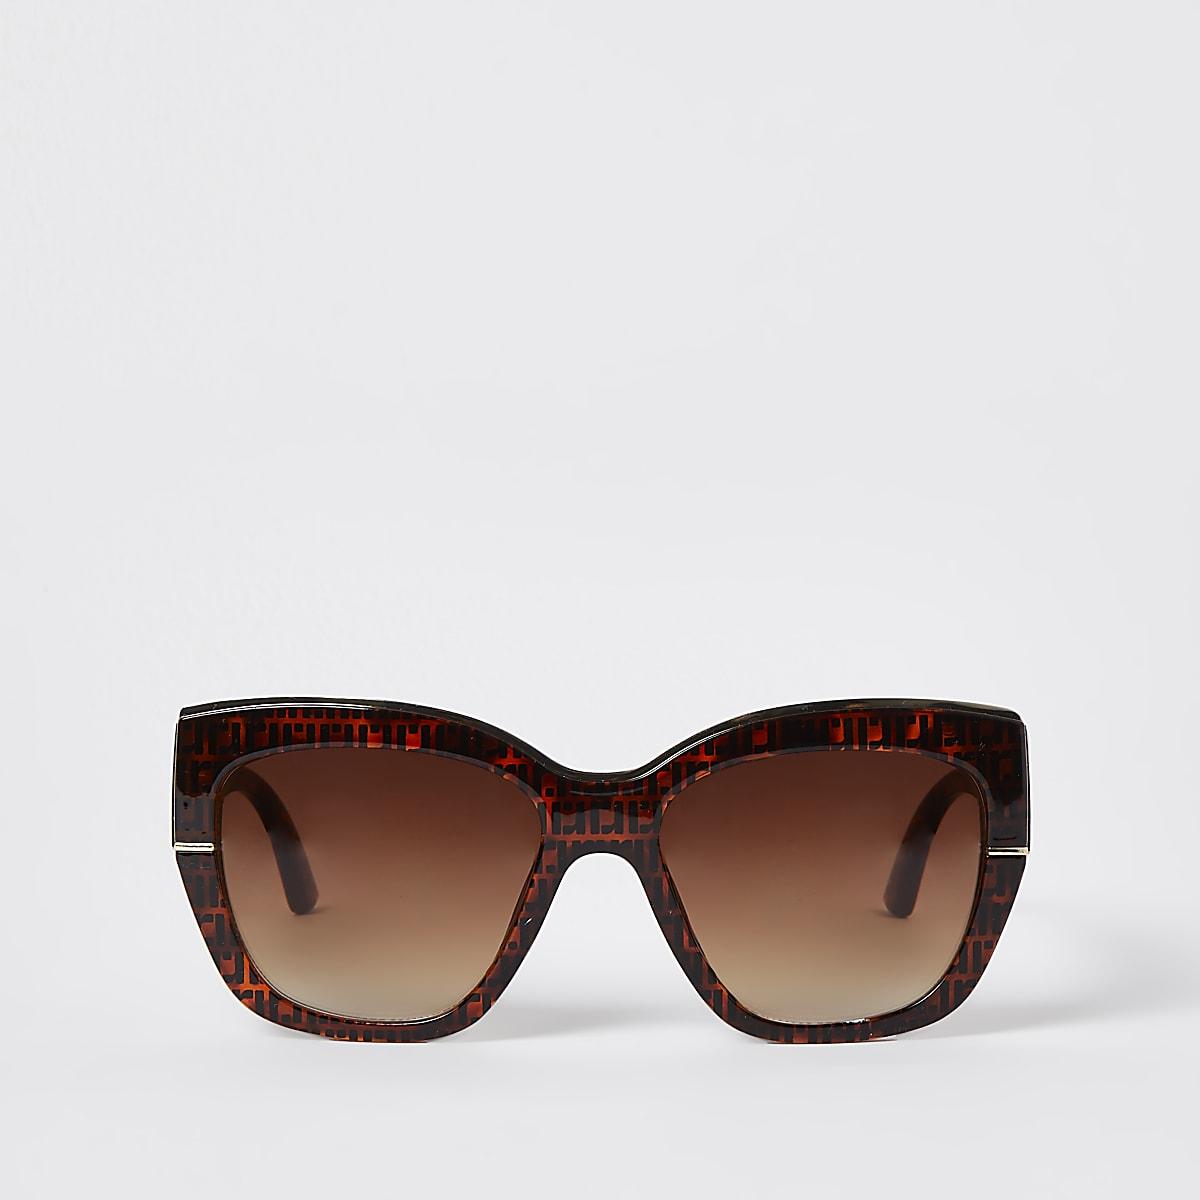 Lunettes de soleil glamour RI motif écaille de tortue marron